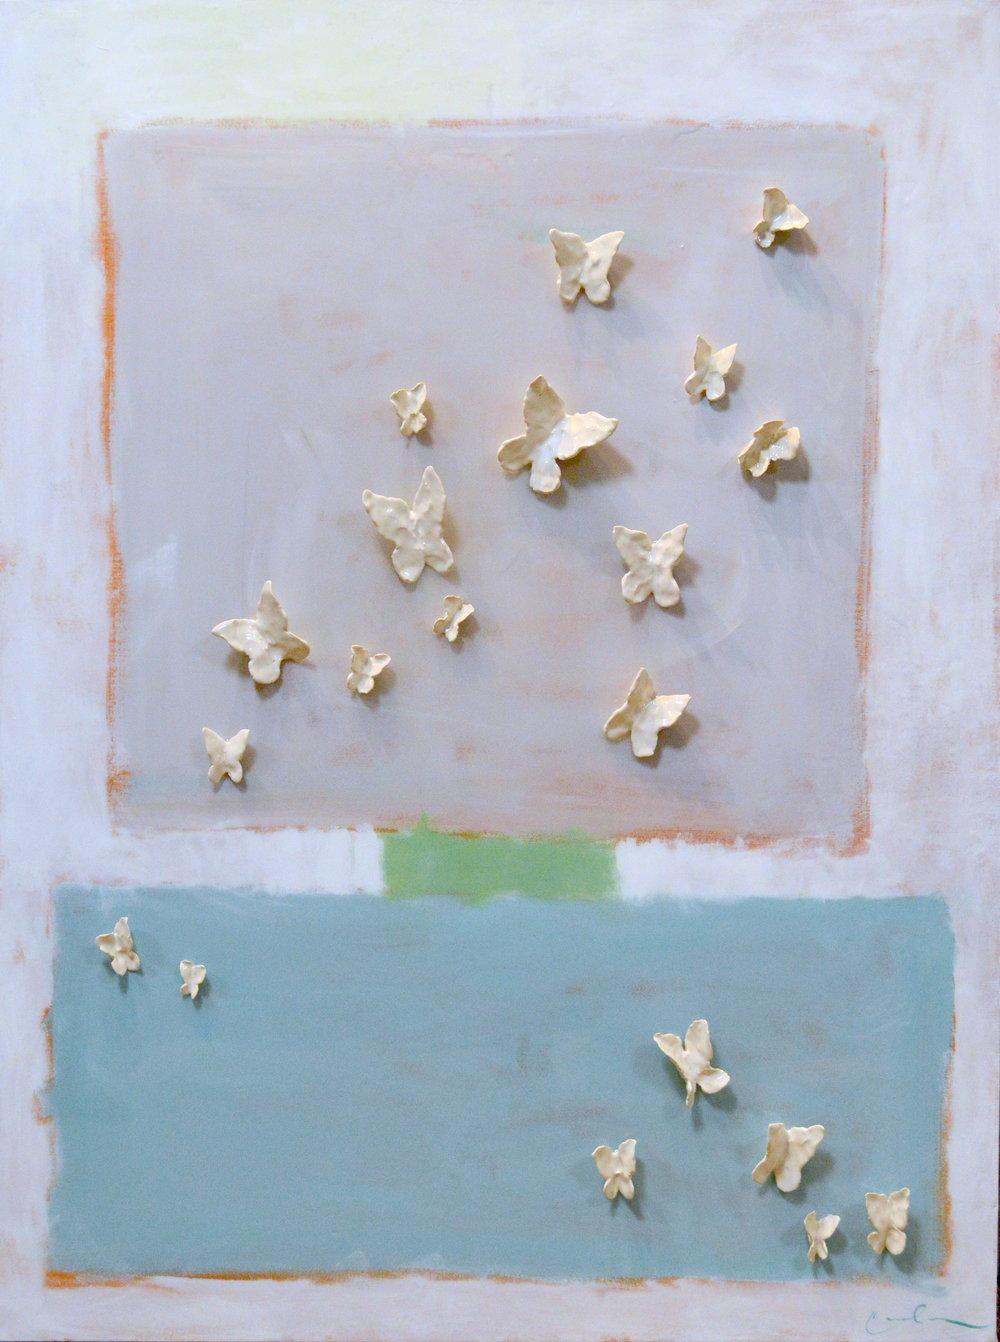 Teal Butterflies - CB - 48x36 - $4,800-2.JPG